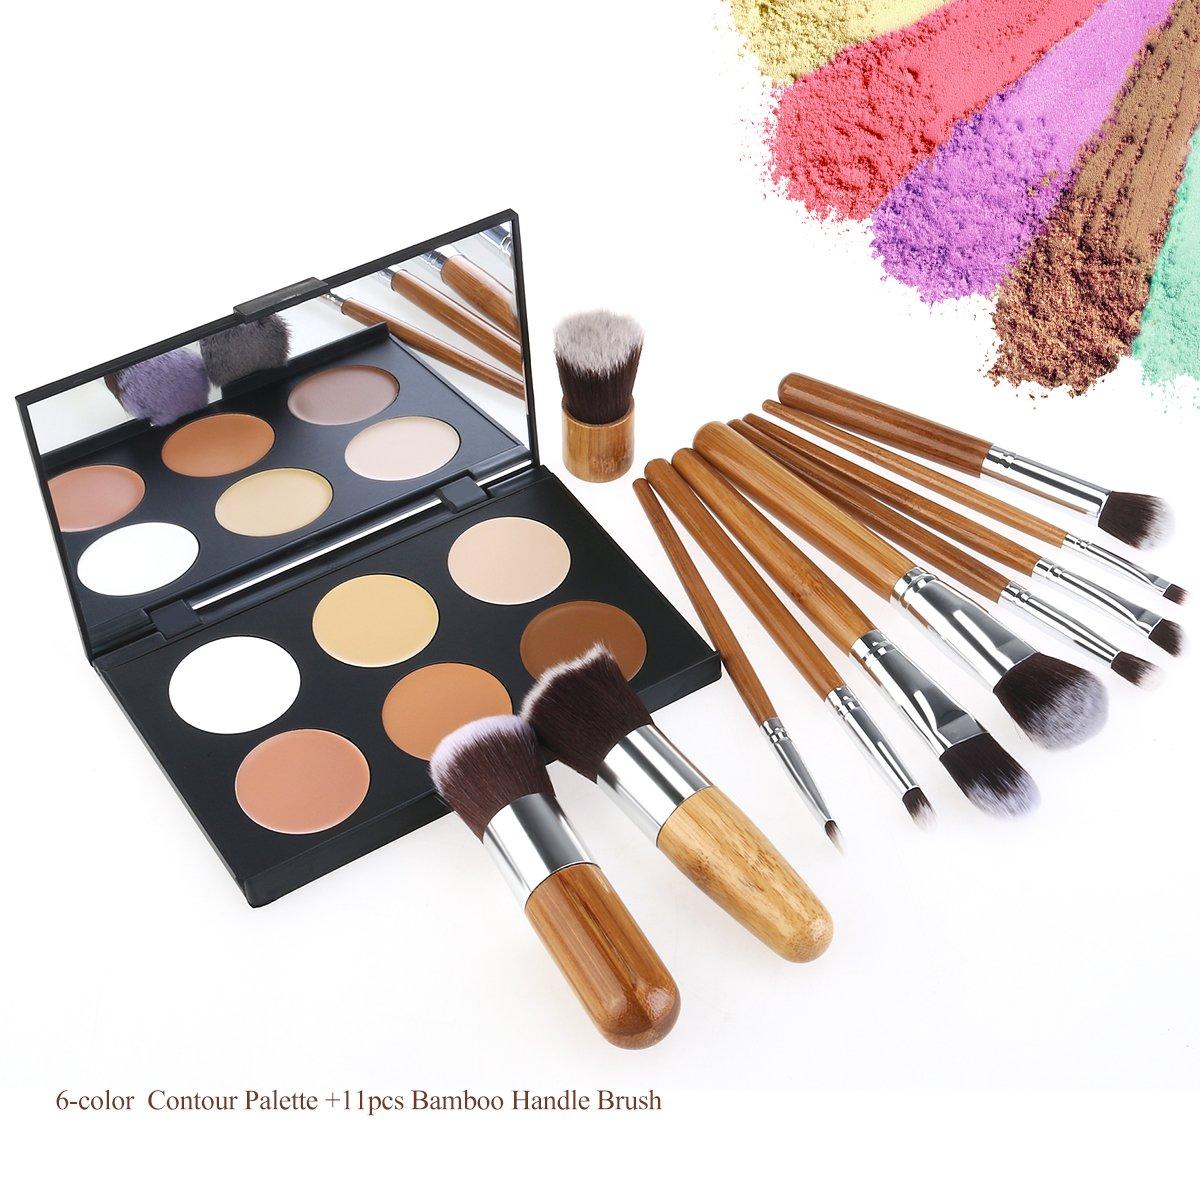 RUIMIO Contour Kit Cream Contour Palette 6 Colors with Makeup Brush Set by PIXNOR (Image #2)